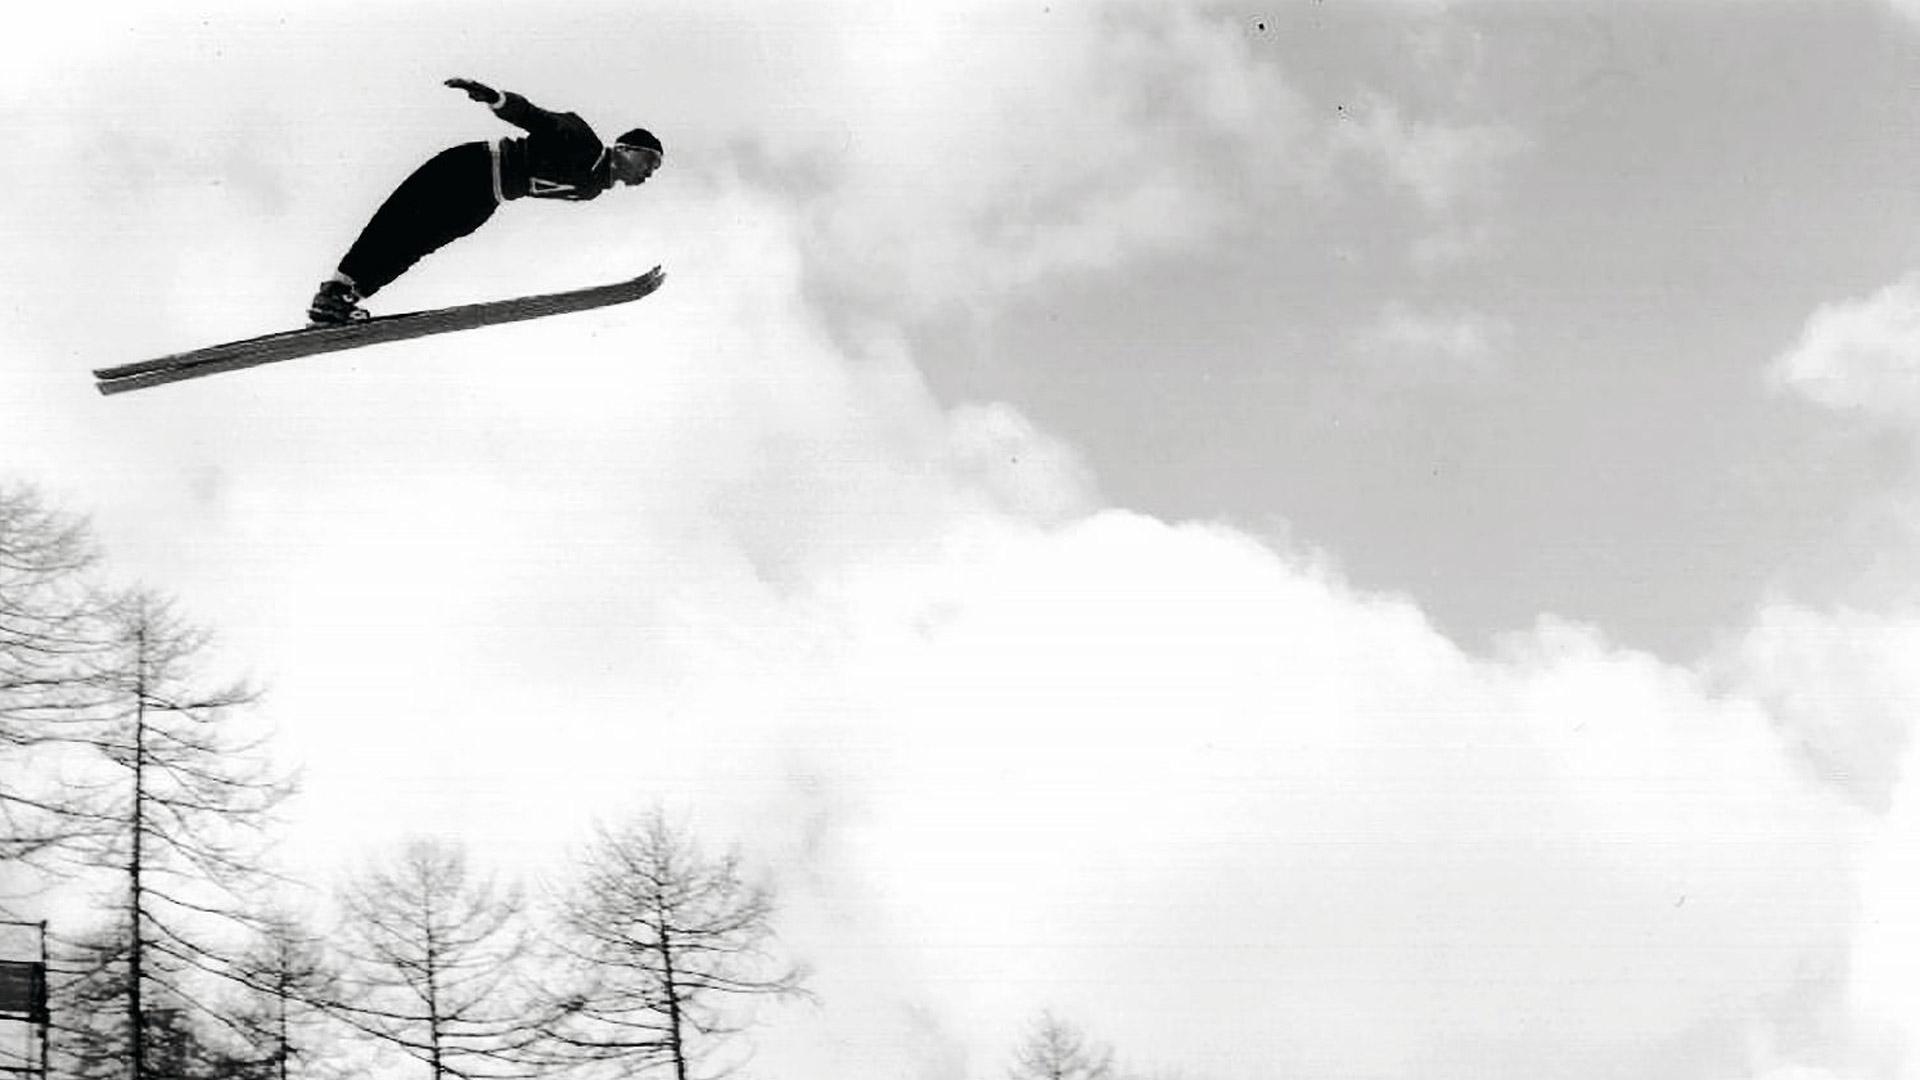 Antti Hyvärinen voitti ensimmäisenä ei-norjalaisena mäkihypyn olympiakultaa Cortinassa talvella 1956. Ensimmäisen hyppykierroksen jälkeen hän oli neljäs 81 metrin hypyllään, mutta teki toisella kierroksella pisimmän 84 metrin hypyn yhtä lähtölavaa alempaa.